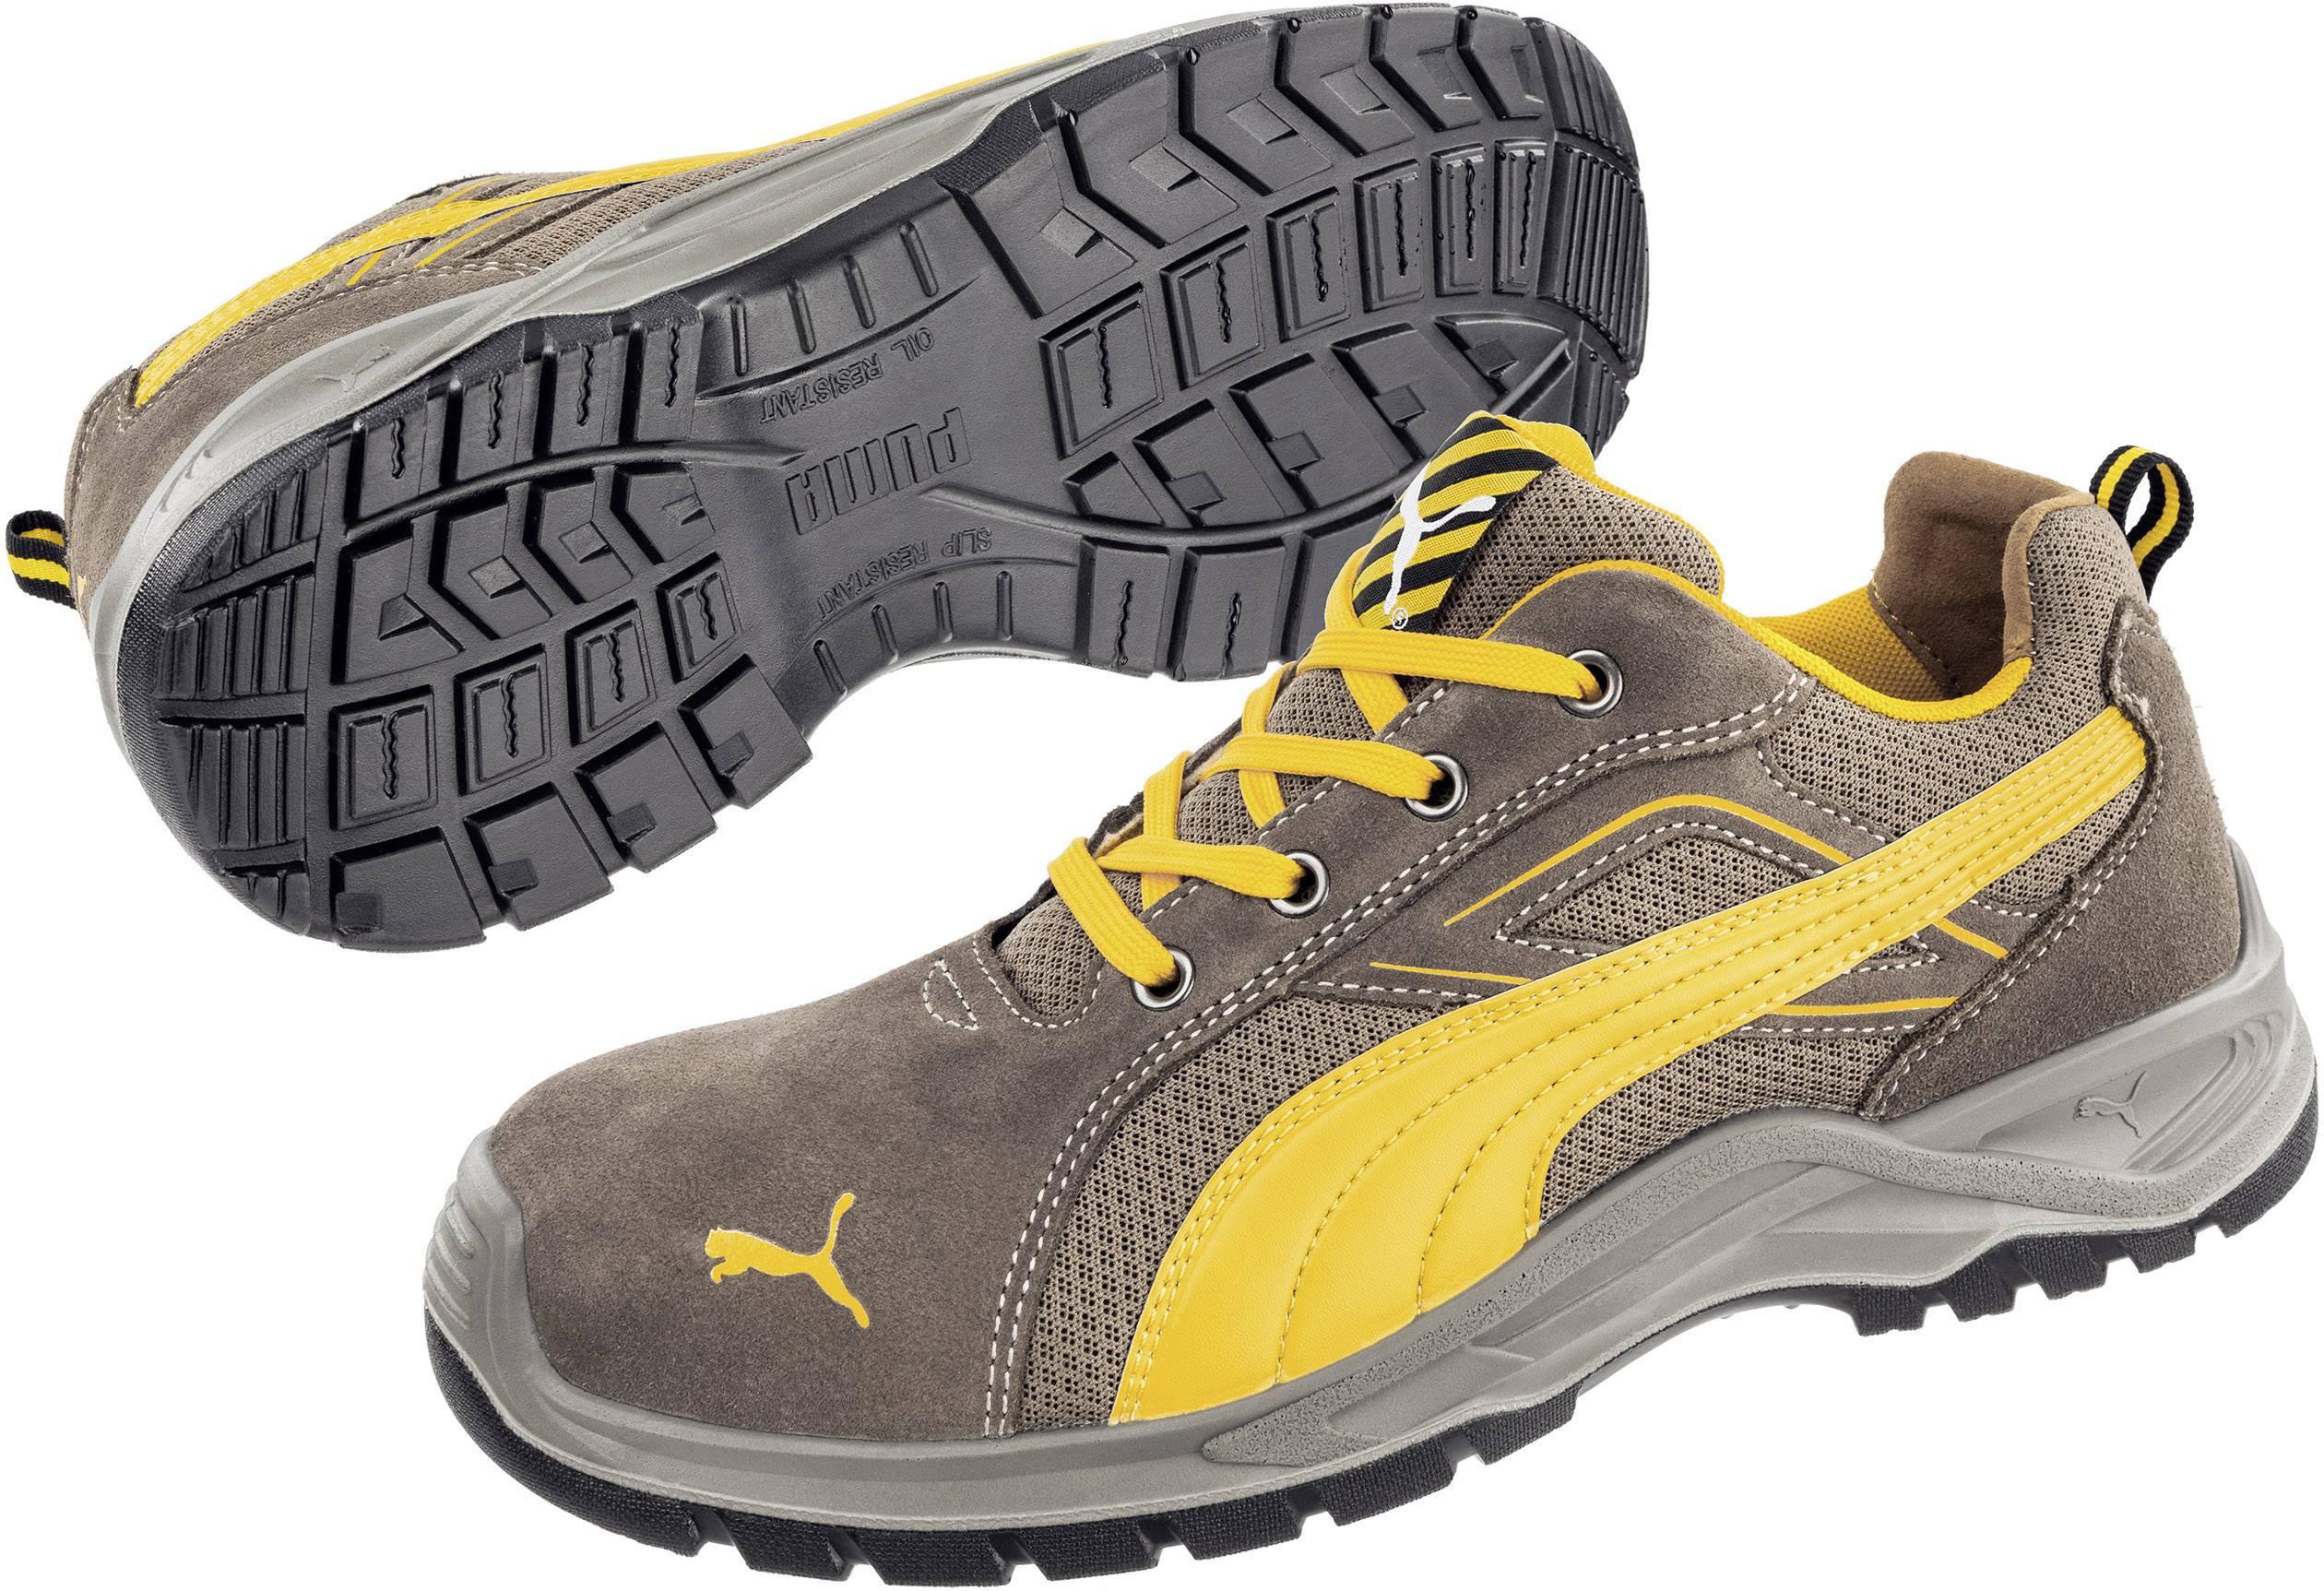 Chaussures de sécurité ESD S3 PUMA Safety Condor Low ESD SRC 640542 44 Taille: 44 marron 1 paire(s)